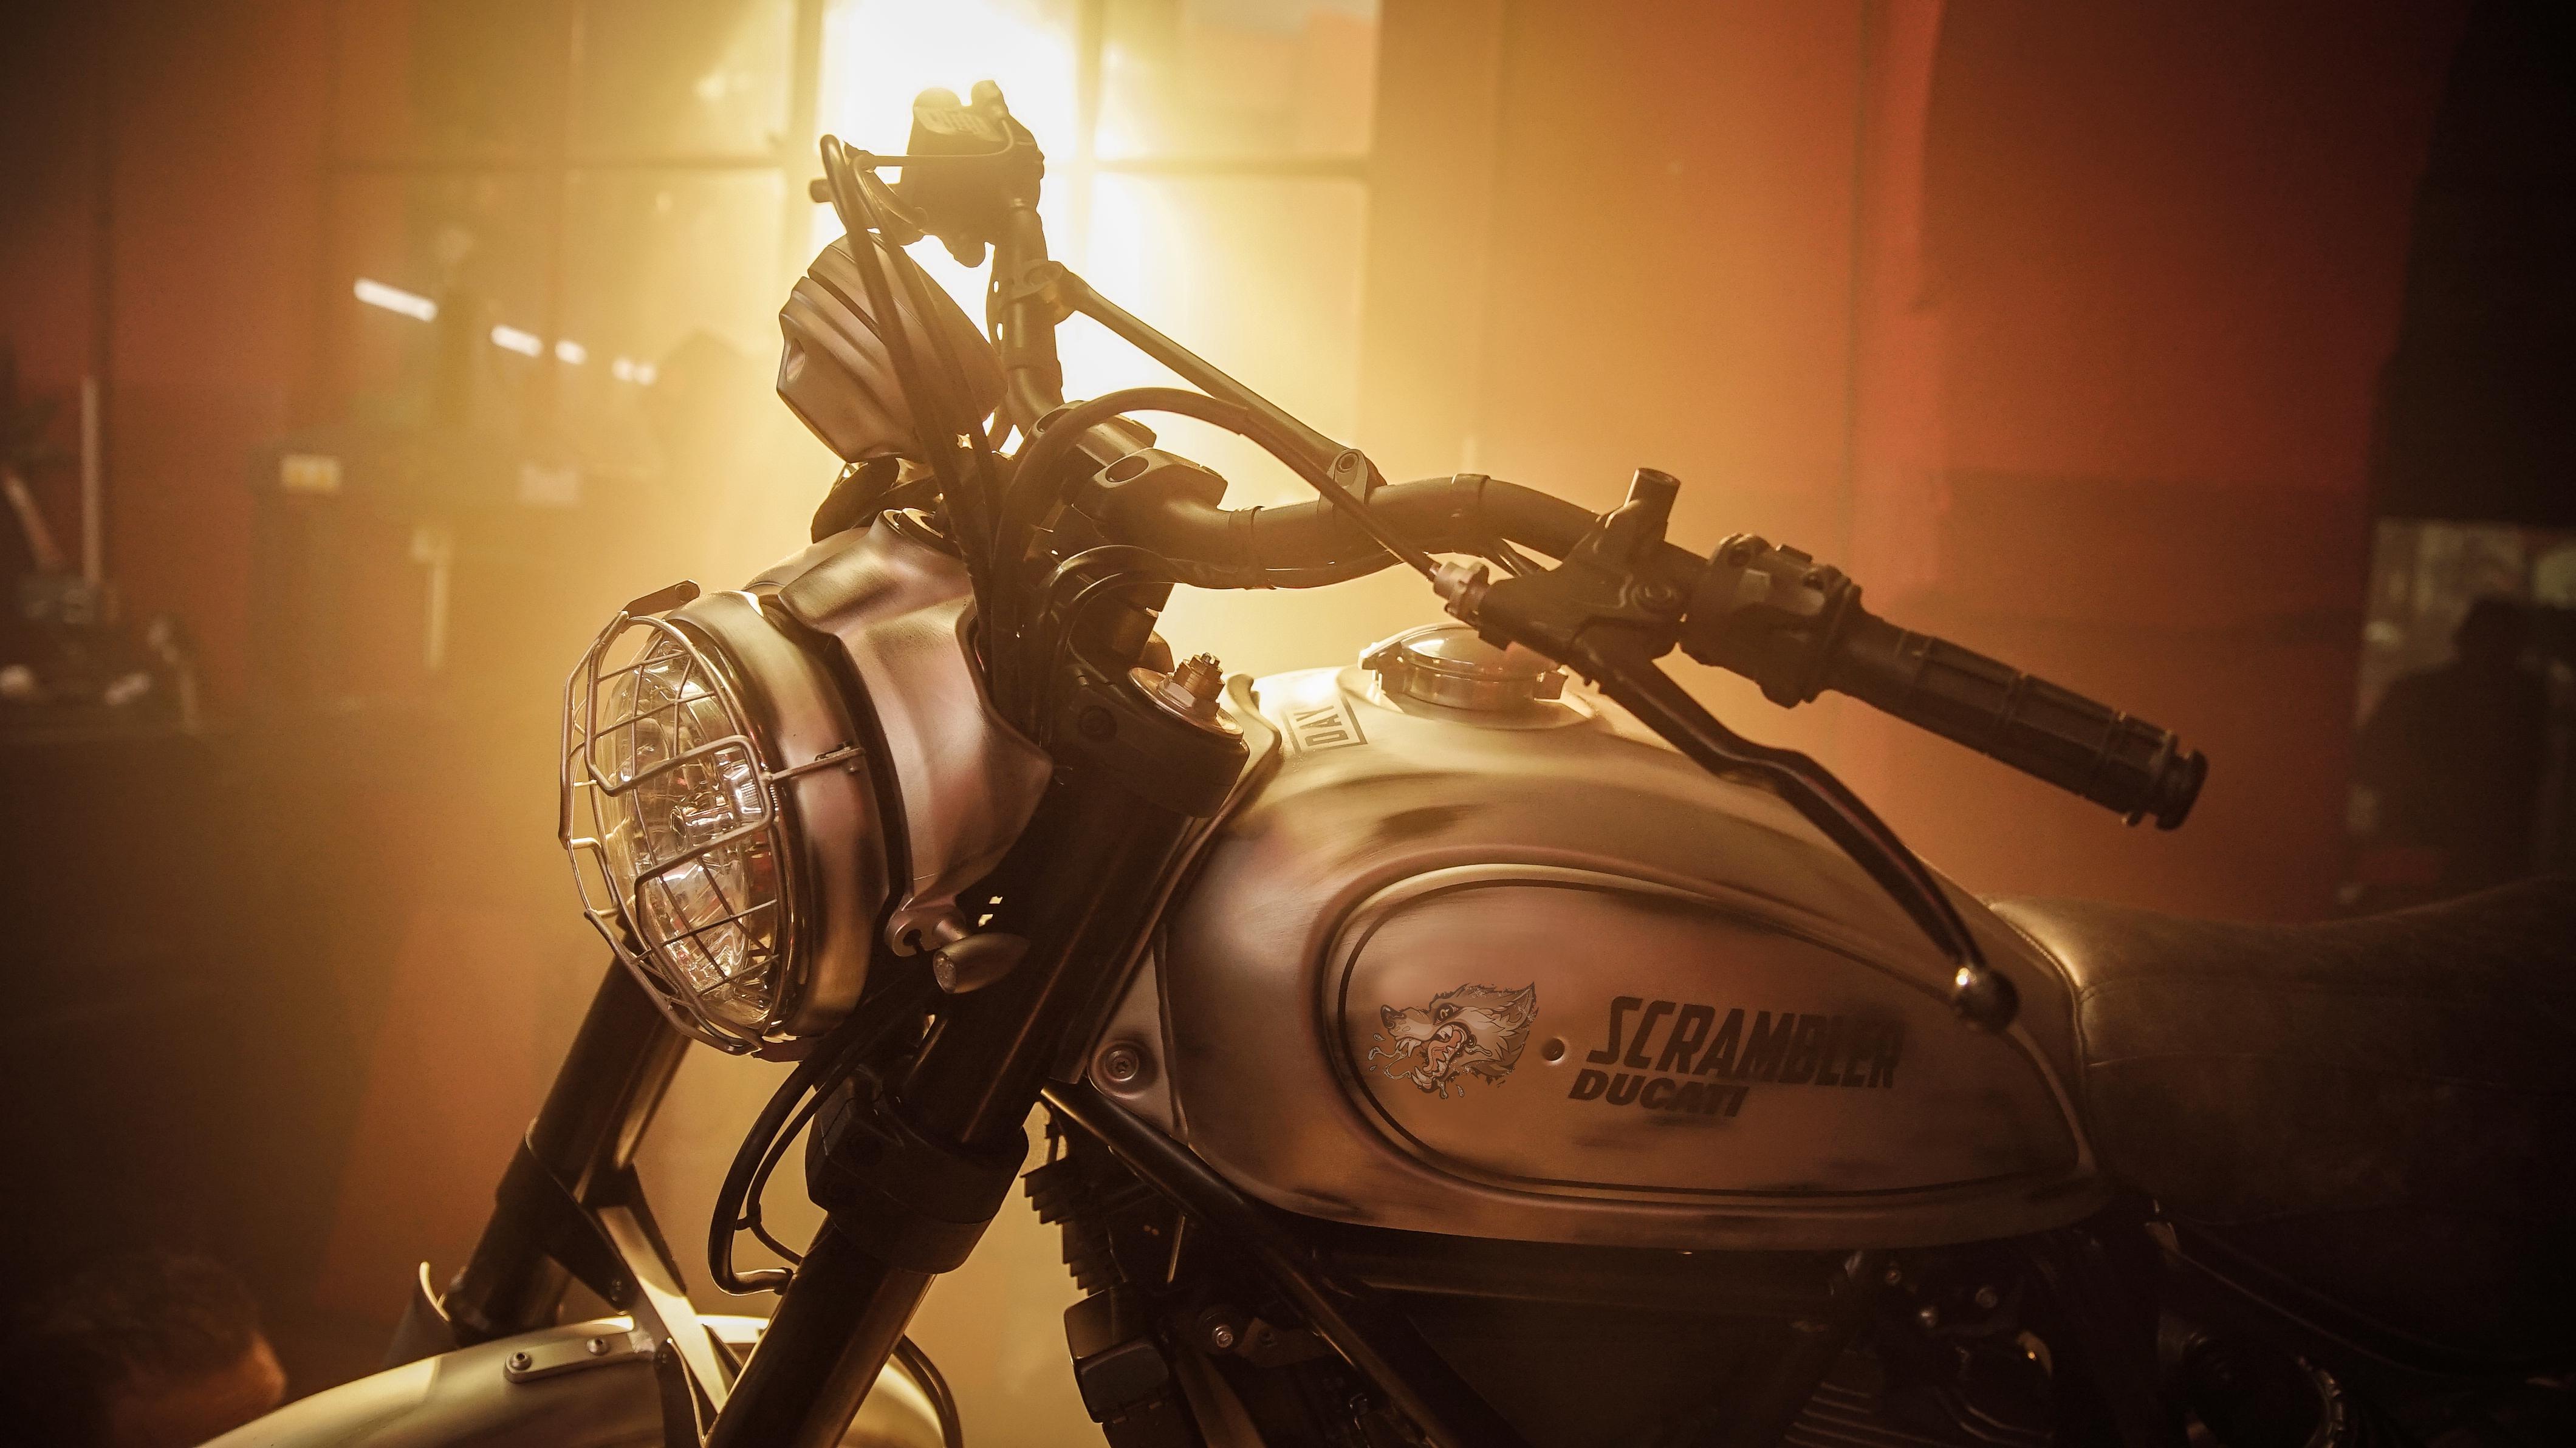 Concorso Days Gone & Ducati_Foto (1)